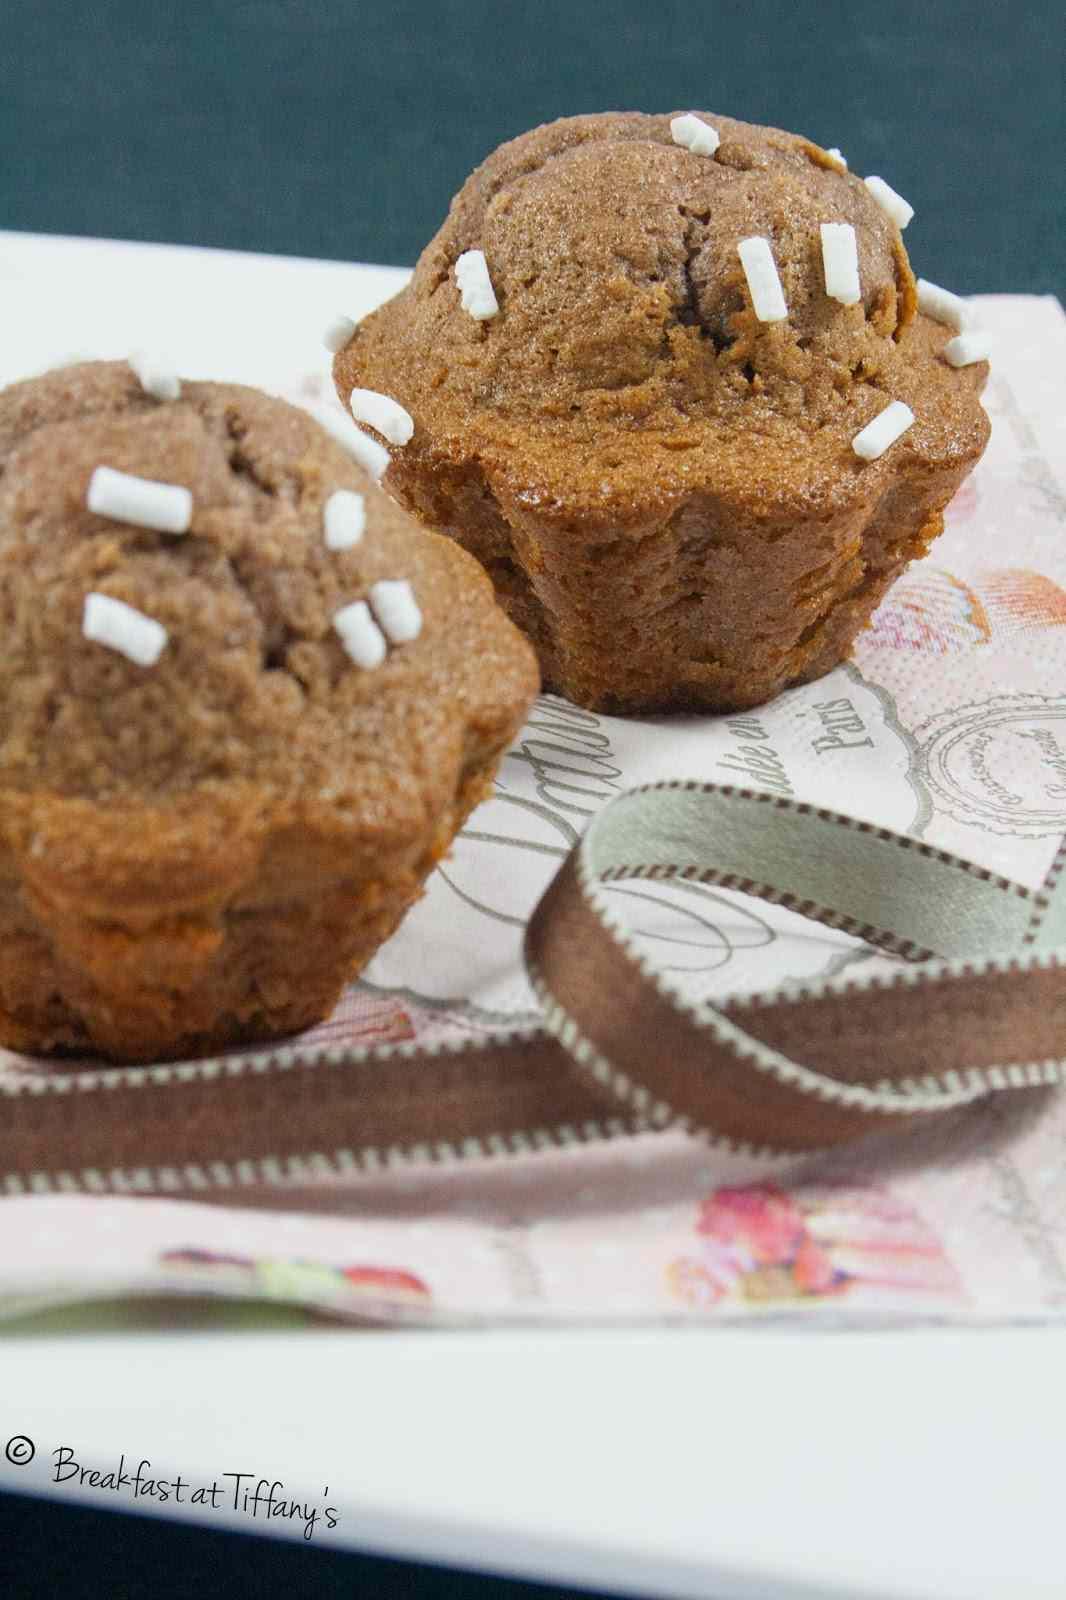 Ricetta: Tortine al cioccolato / mini choco cakes